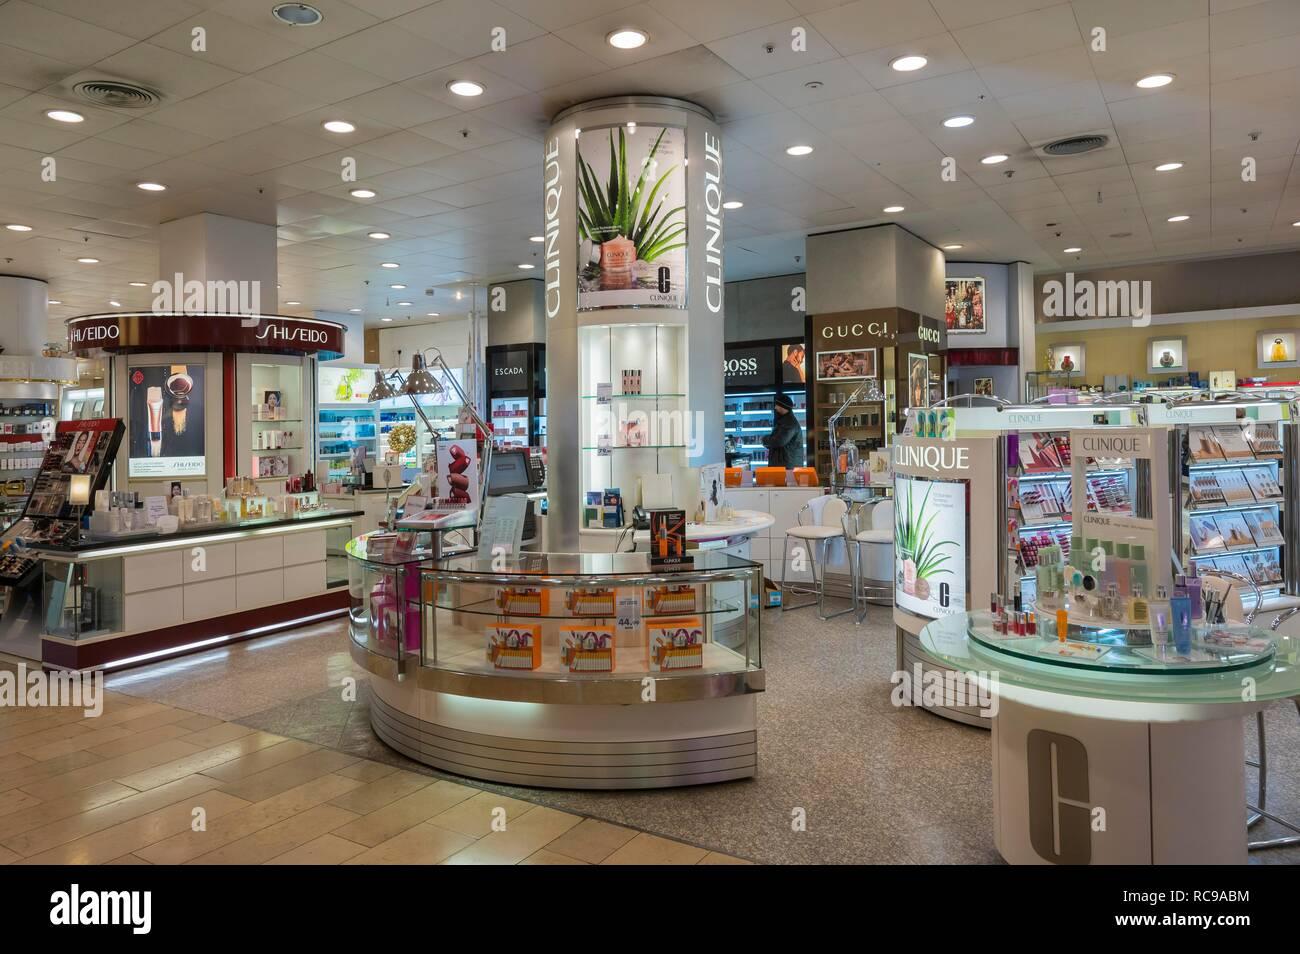 Kosmetik Abteilung in einem Kaufhaus, München, Oberbayern, Bayern, Deutschland Stockbild